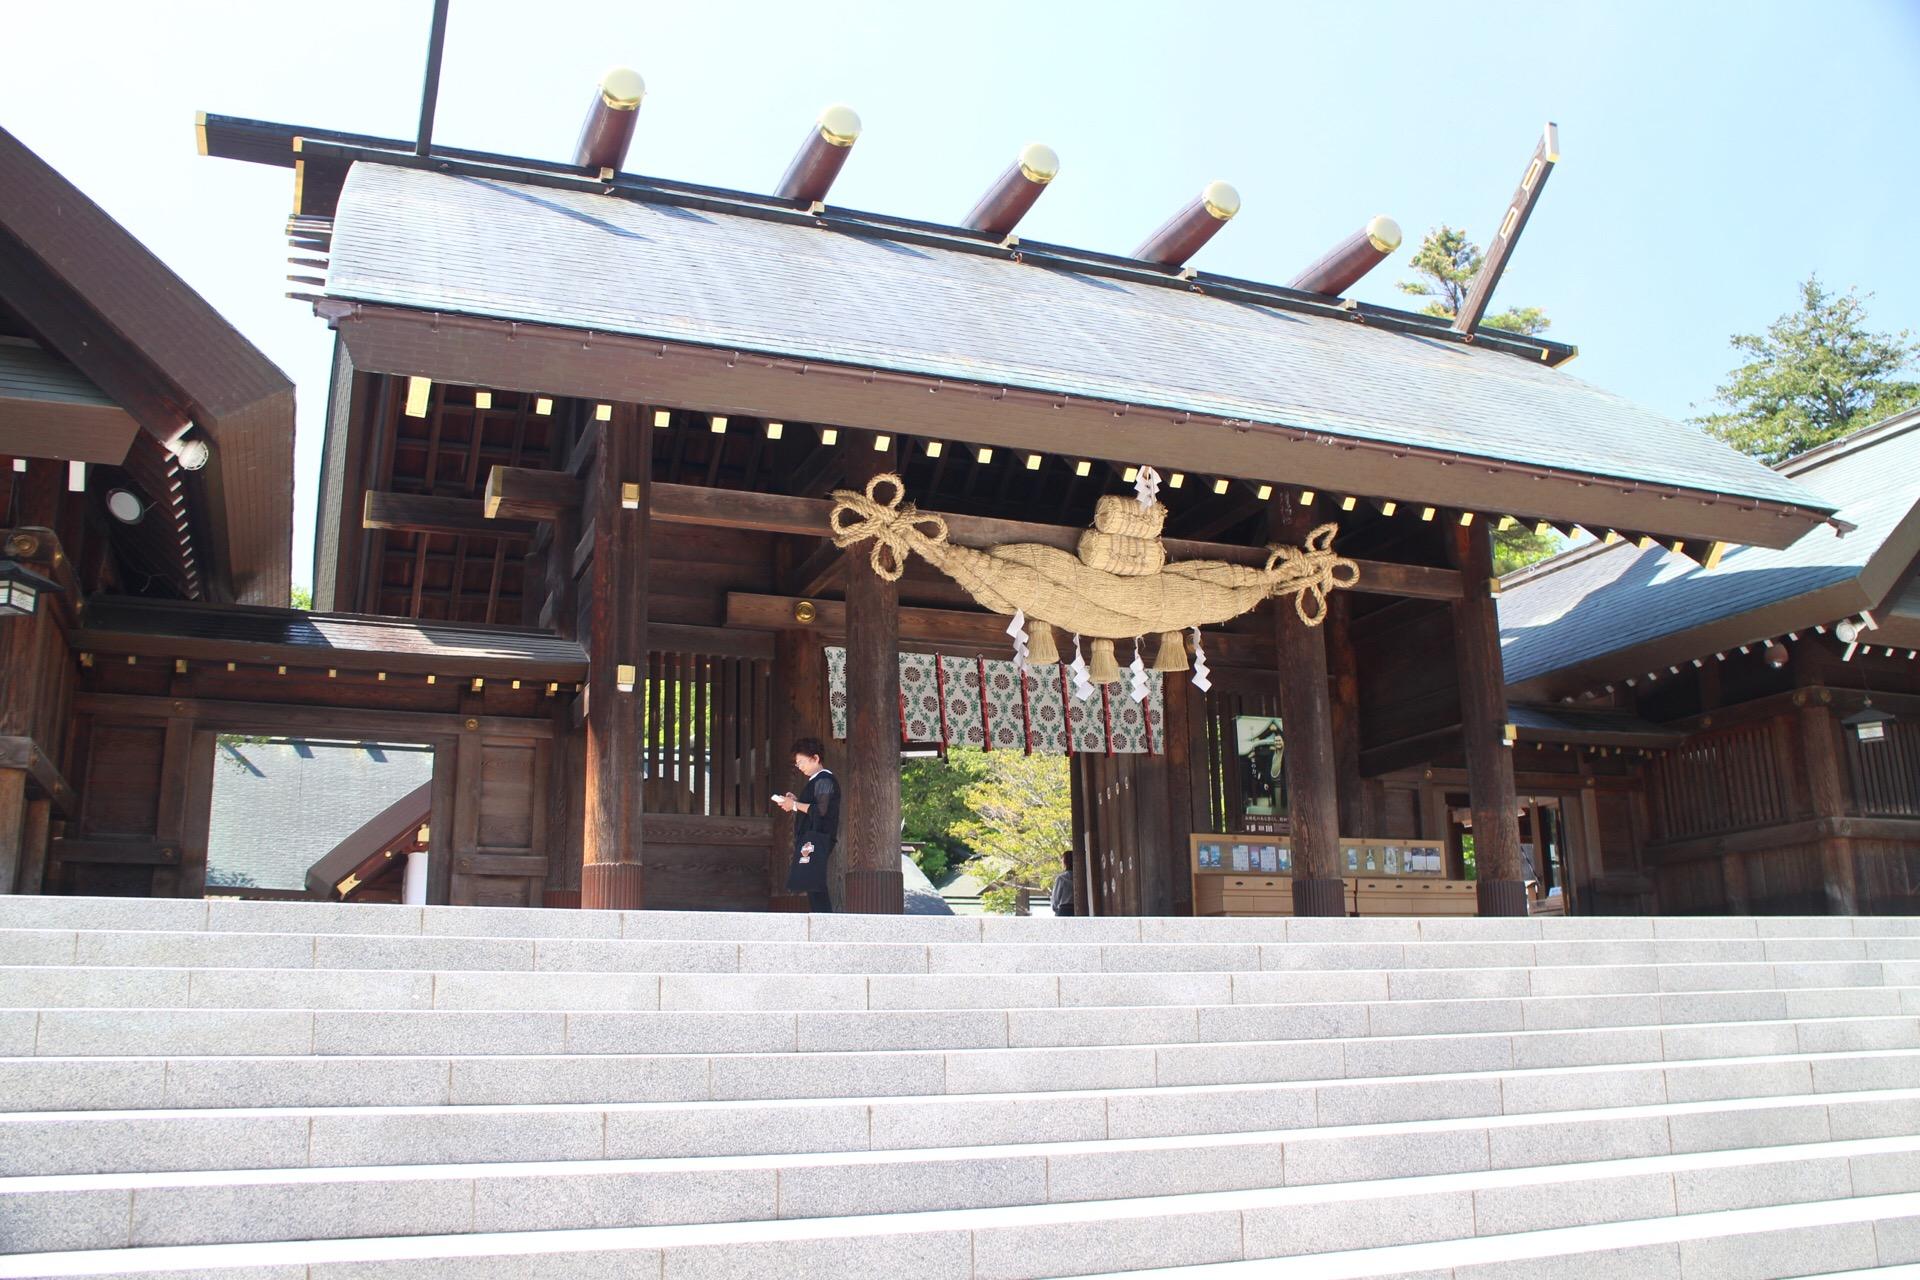 札幌の癒しスポット「北海道神宮」をお参り!六花亭の限定メニュー「判官さま」も食べてきたよ